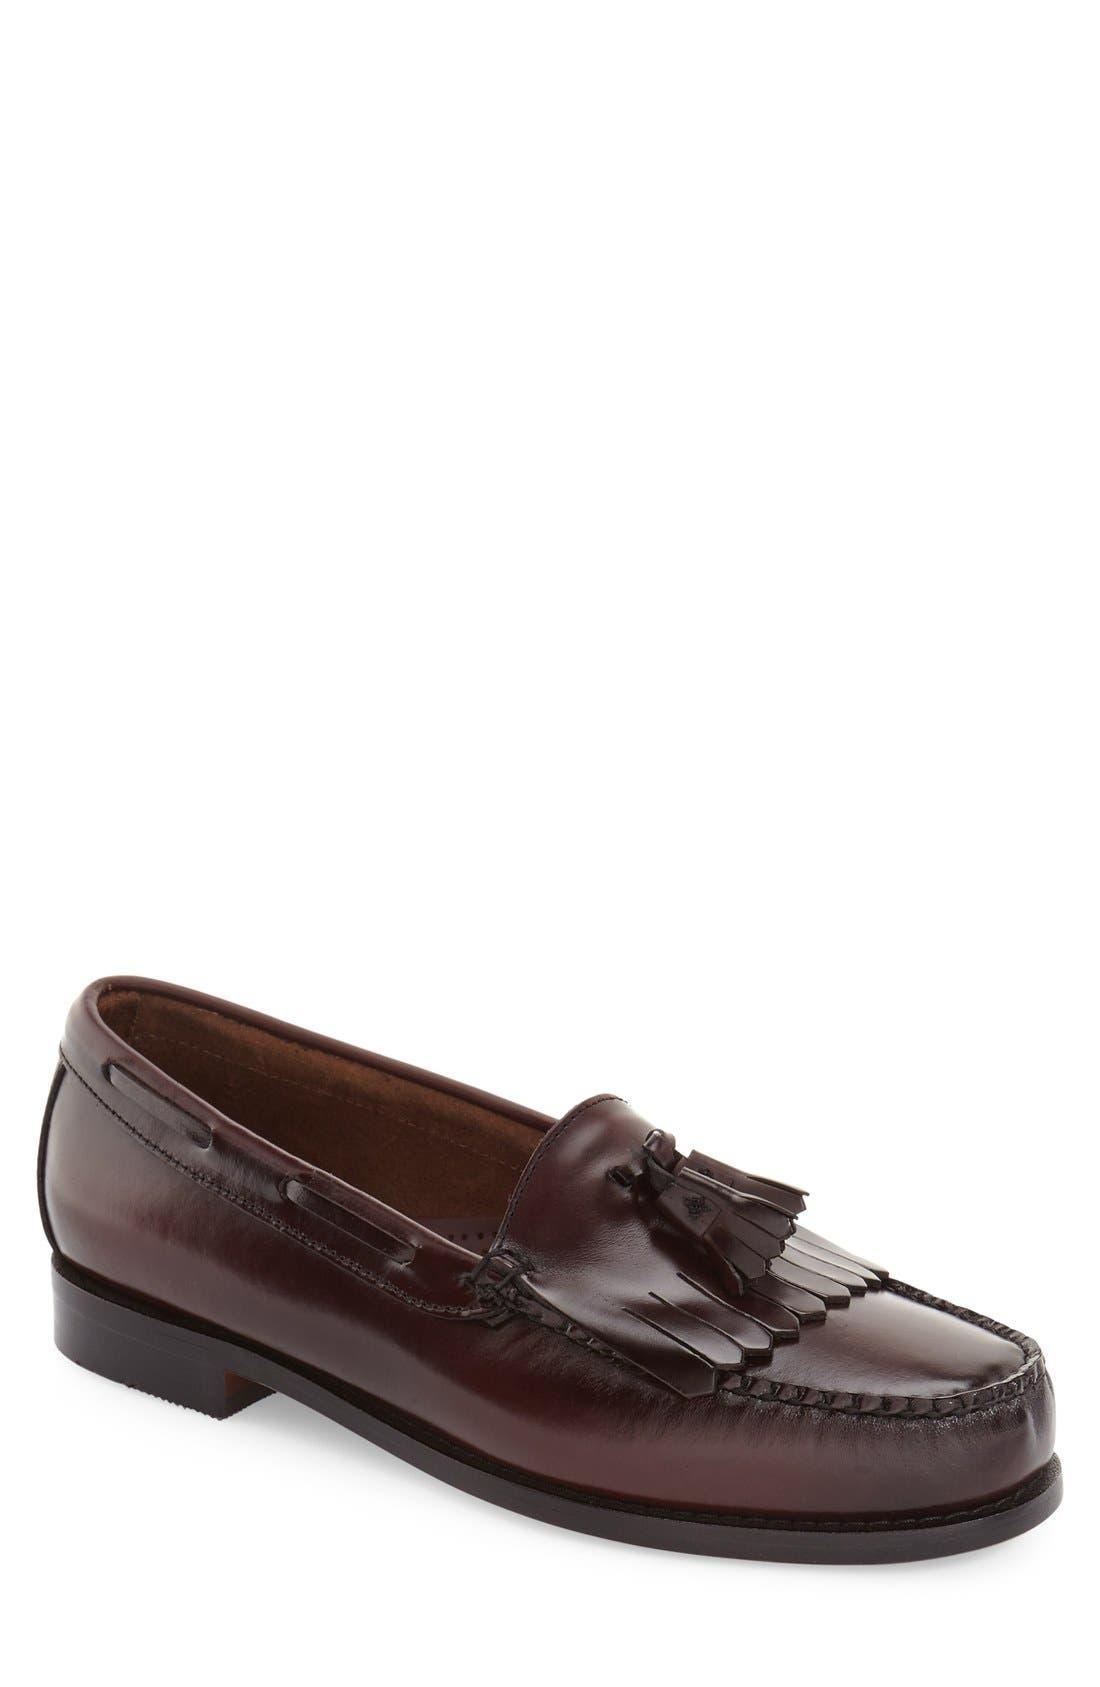 G.H. Bass & Co. 'Layton' Tassel Loafer (Men)